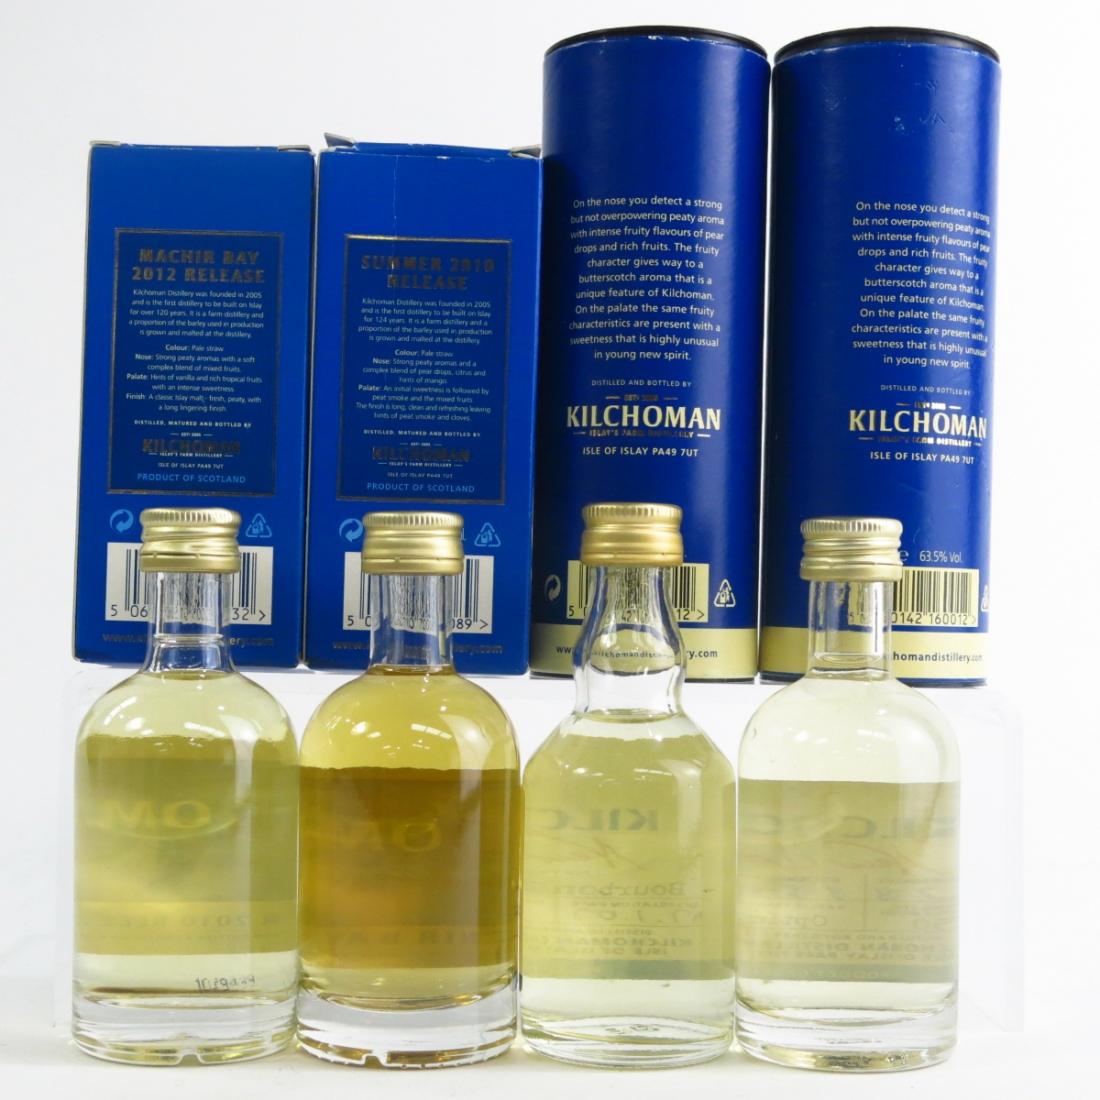 Kilchoman Miniature Selection 4 x 5cl